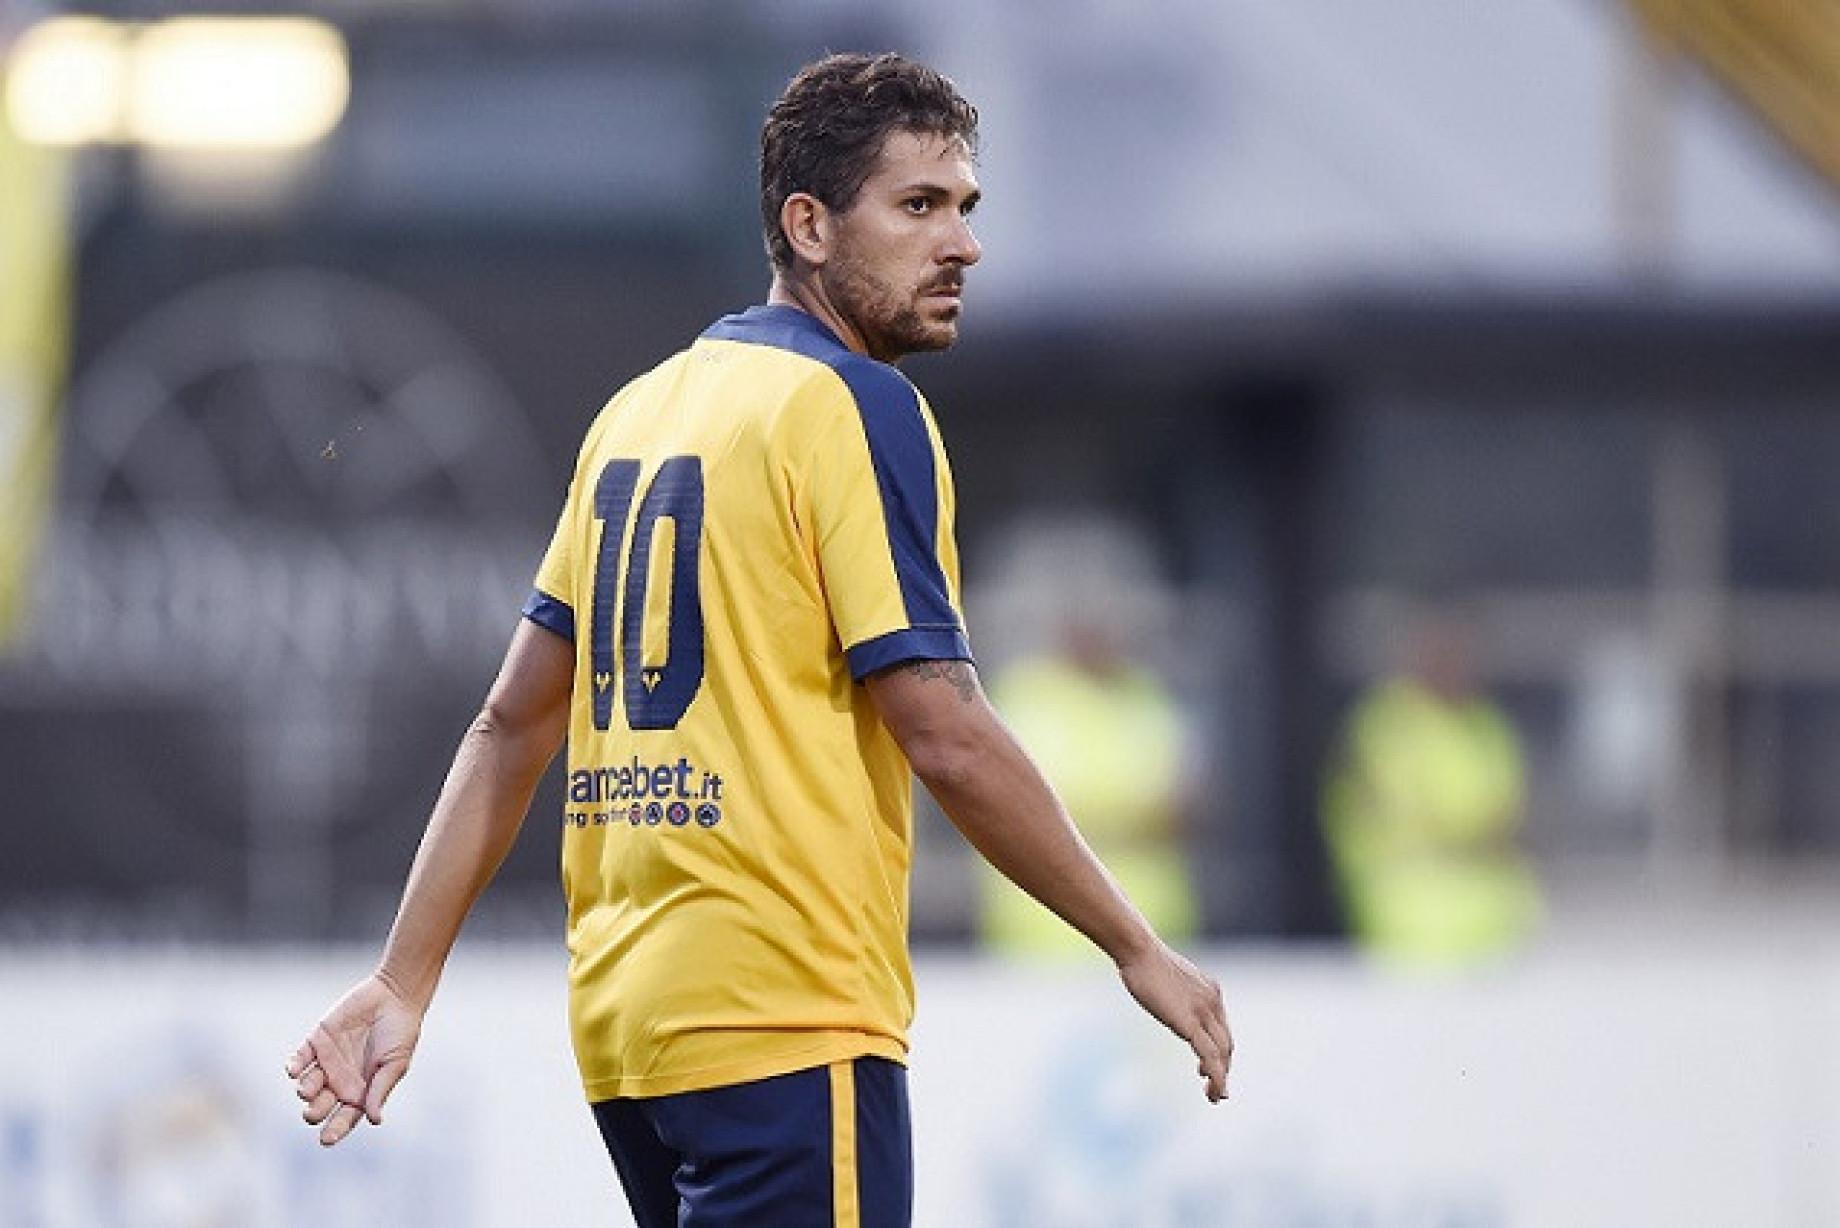 Atletico Madrid multato: non regolare l'acquisto di Cerci